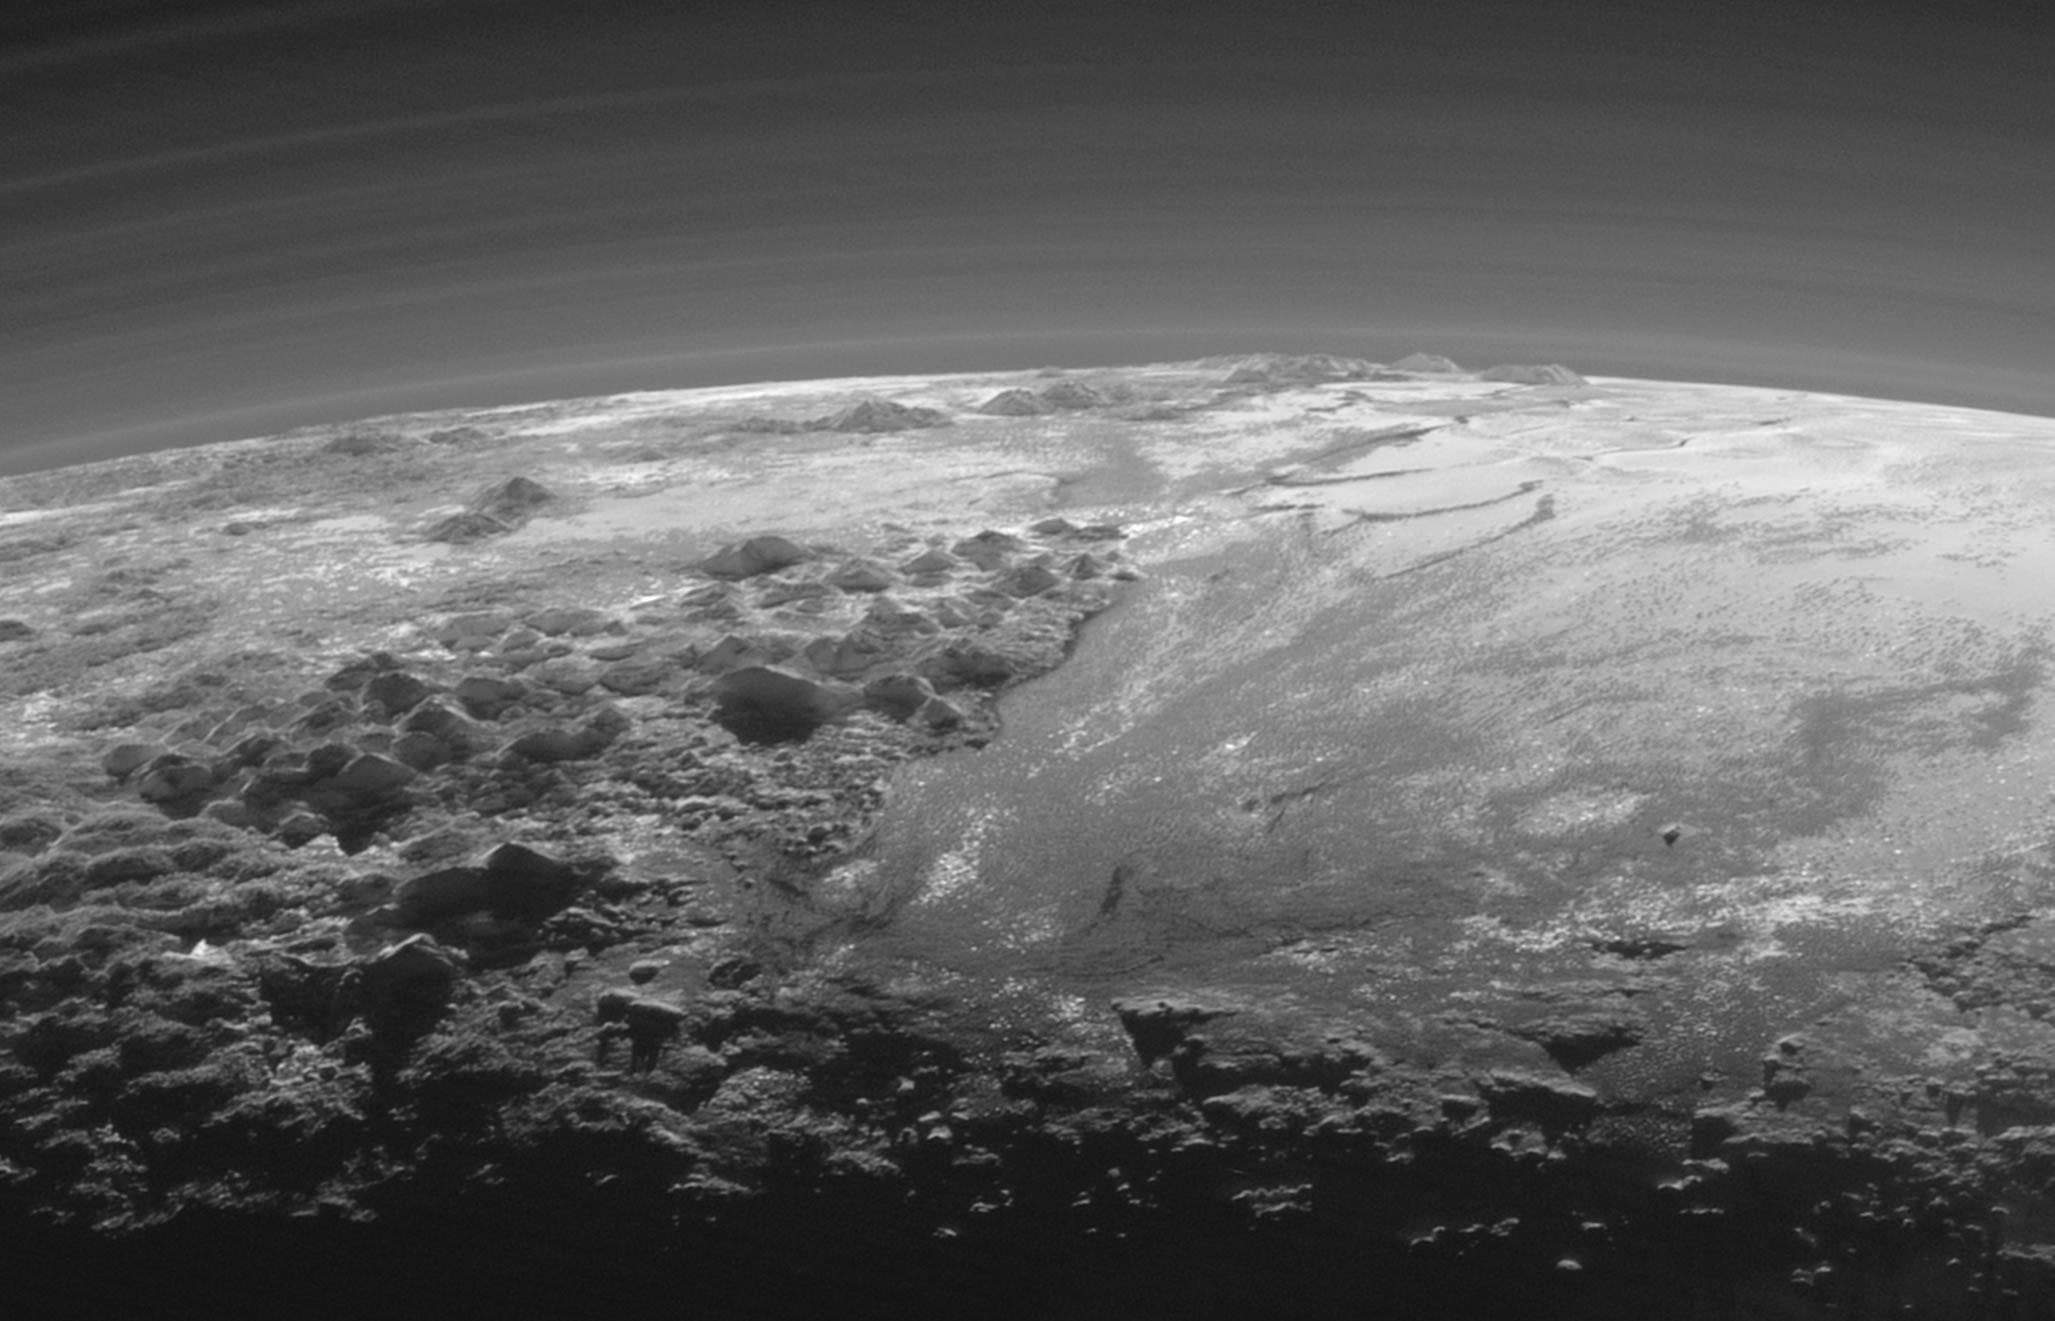 L'immagine è stata scattata 15 minuti dopo il flyby del 14 luglio. Credit: NASA/Johns Hopkins University Applied Physics Laboratory/Southwest Research Institute